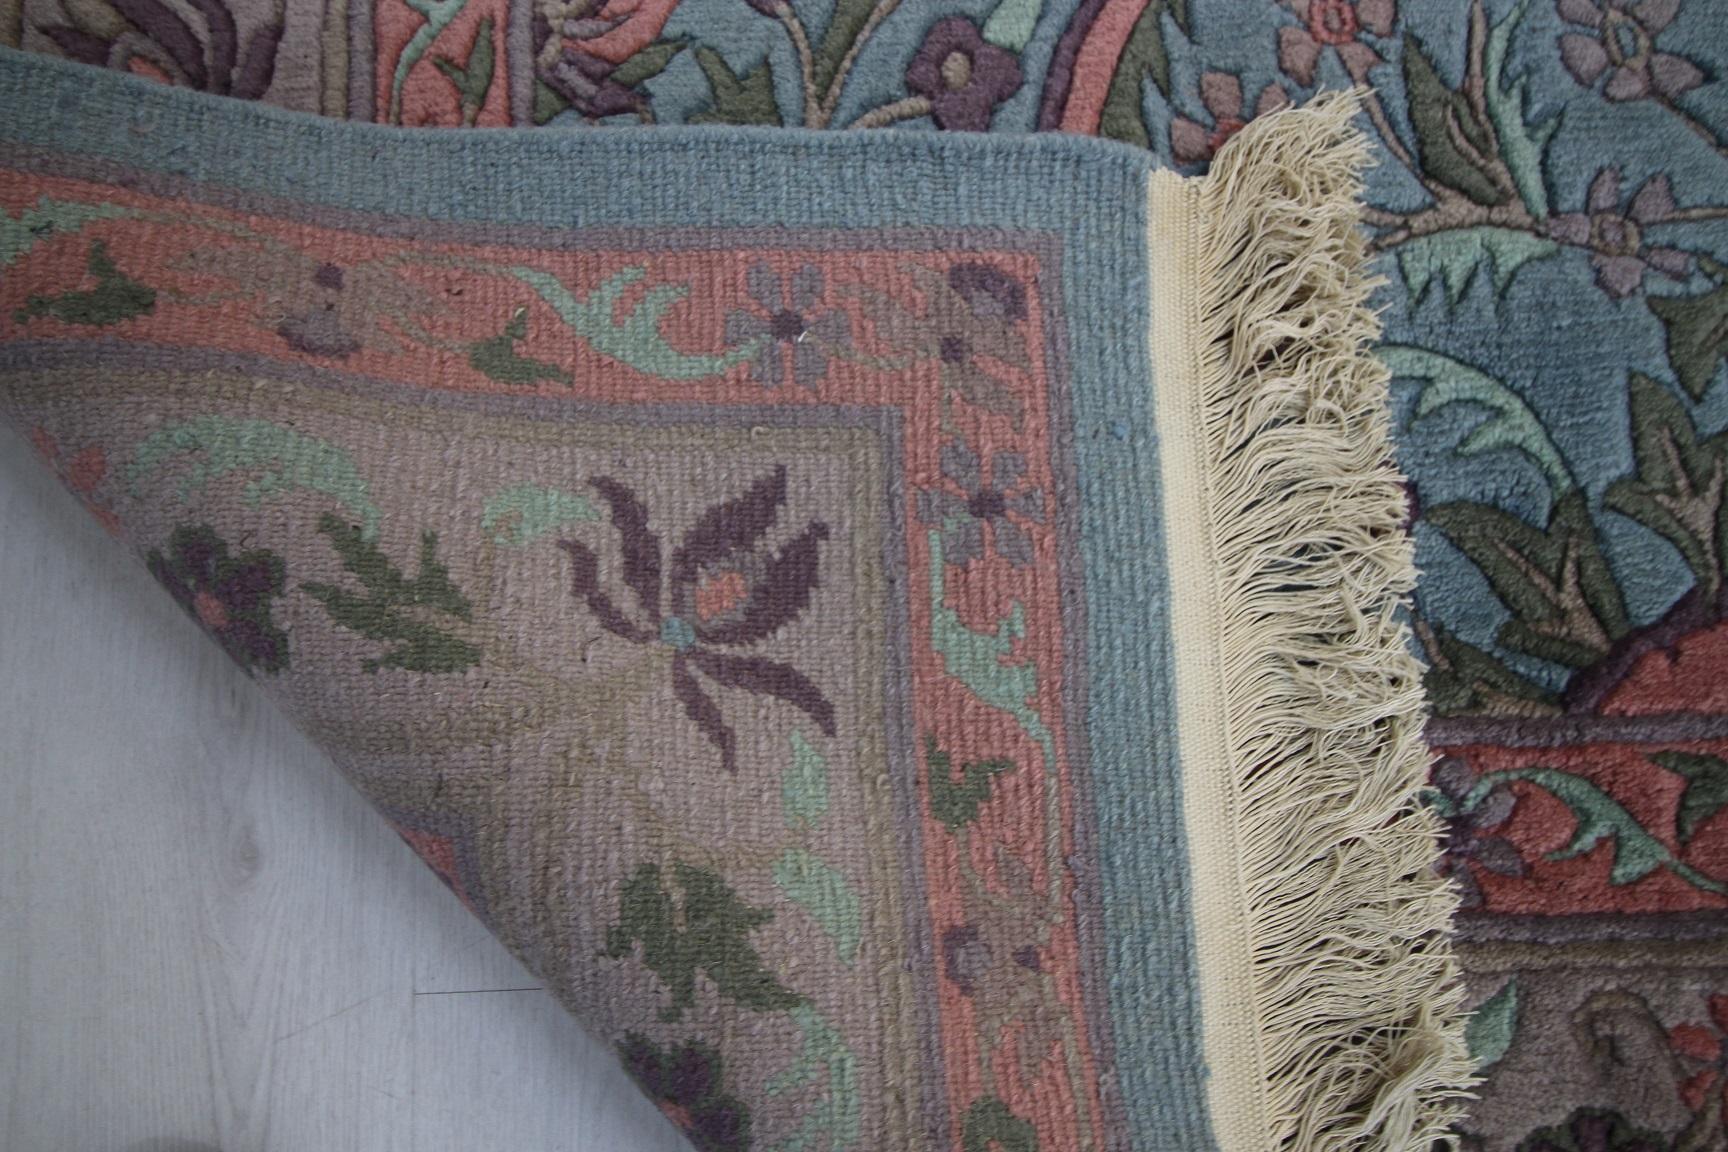 hochwertige orientteppiche modern und klassisch nepal teppich 375 x 247 cm. Black Bedroom Furniture Sets. Home Design Ideas